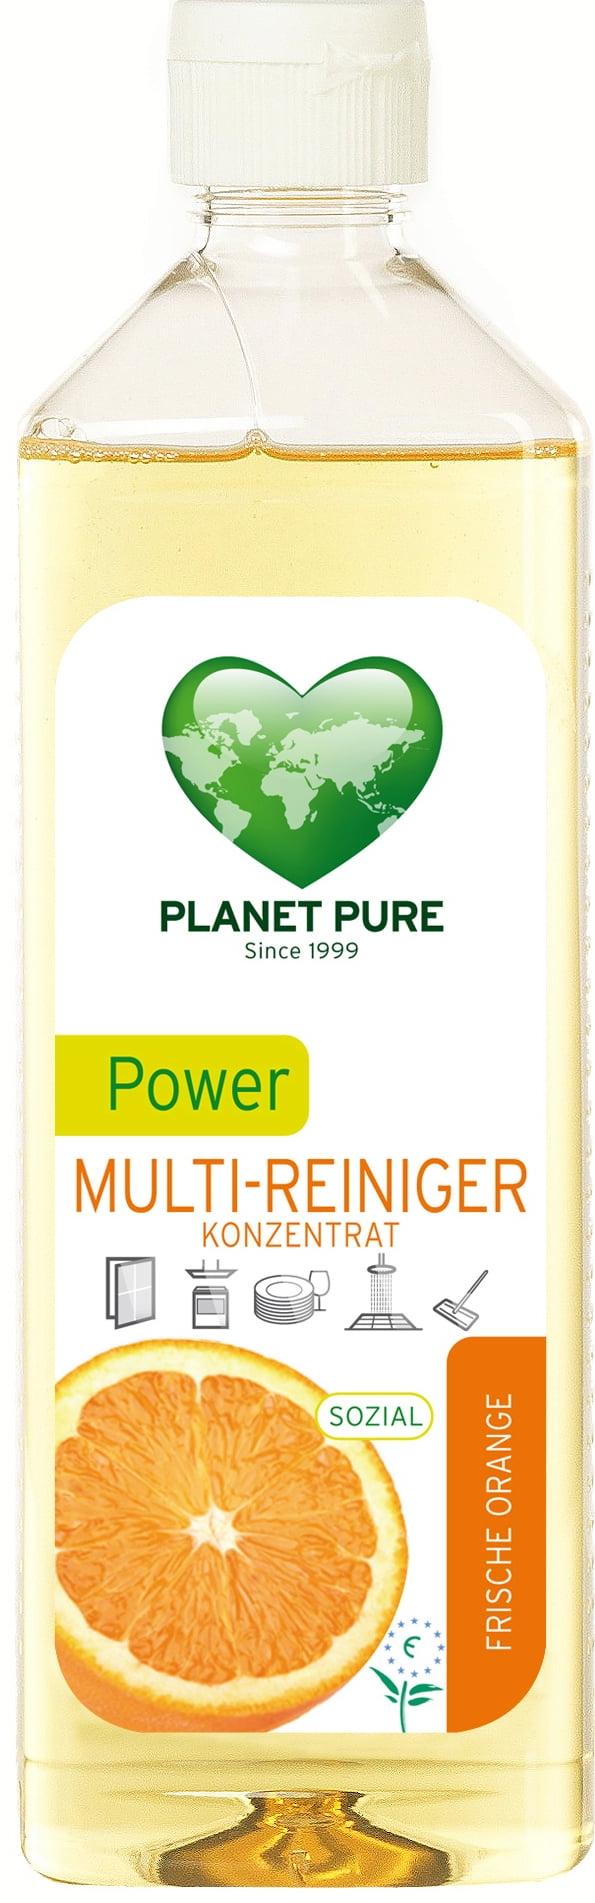 Detergent bio concentrat cu ulei de portocale Power Cleaner 510ml Planet Pure